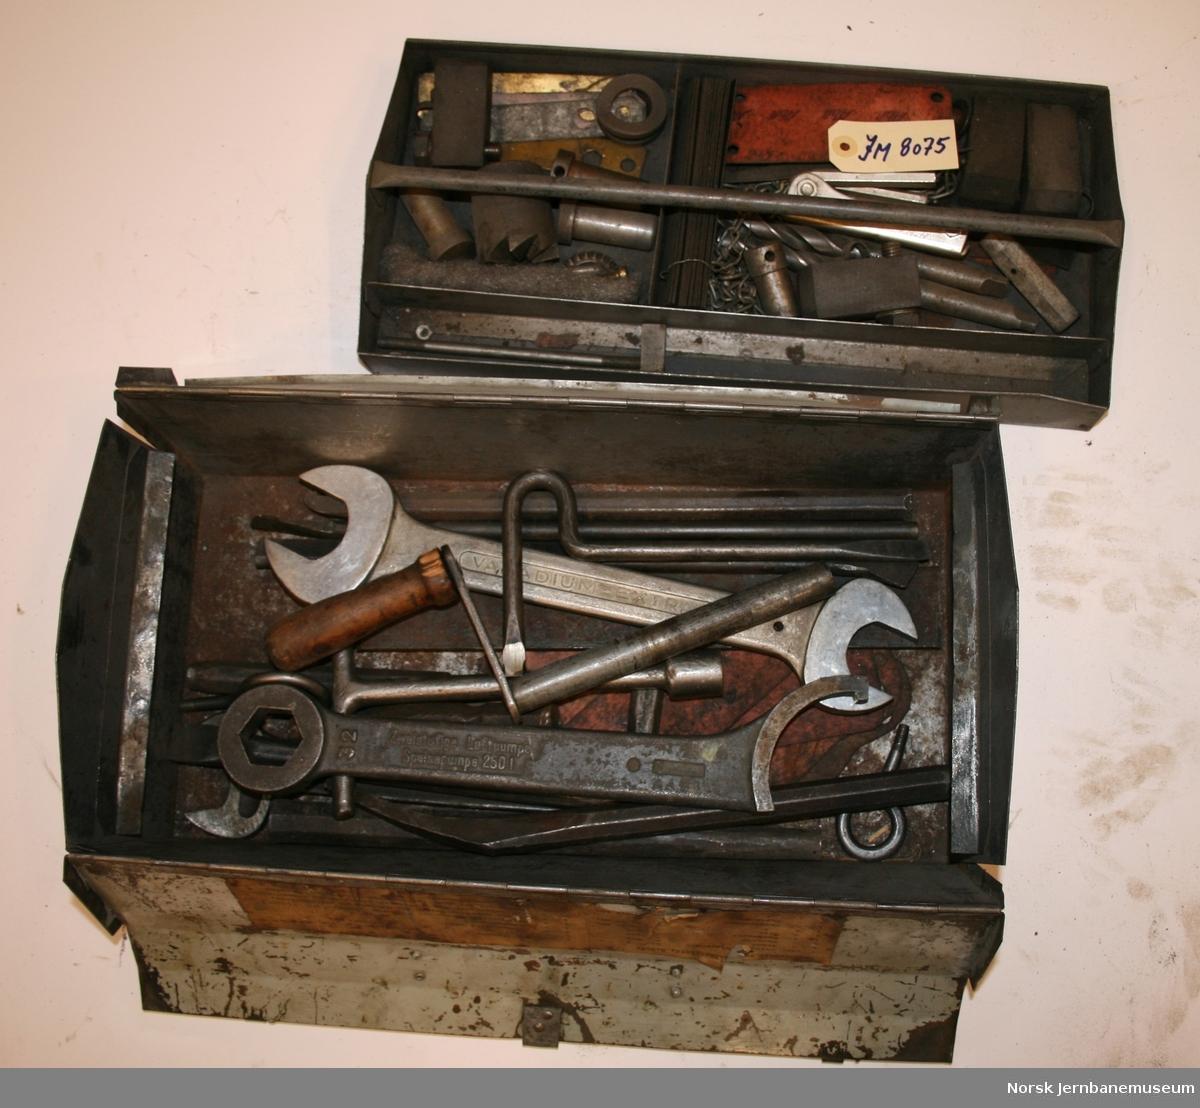 Verktøykasse med diverse fastnøkler, umbrakonøkler og annet håndverktøy.